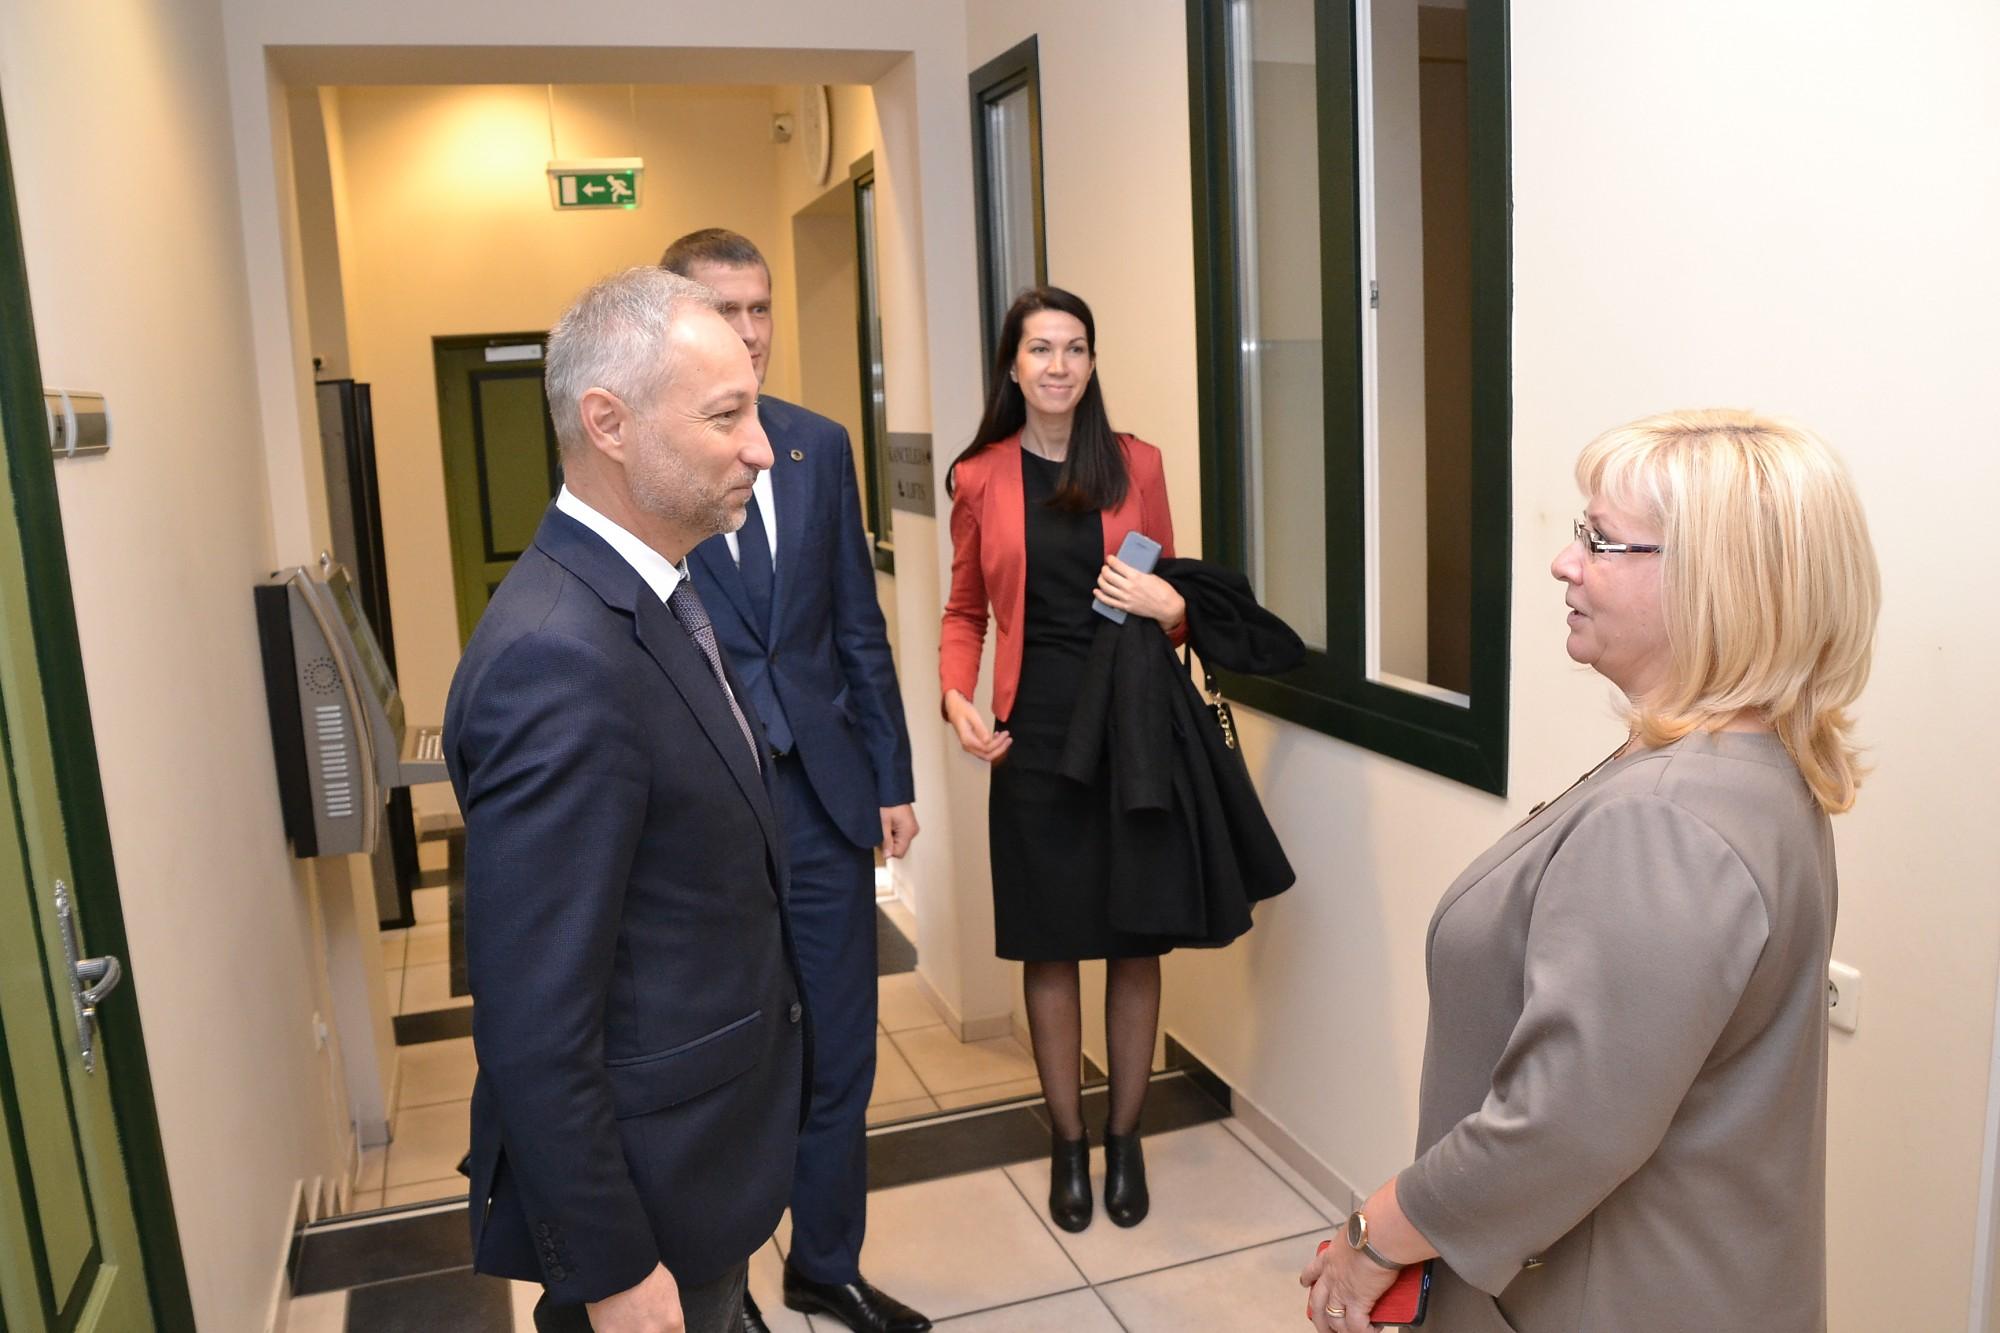 Vizītē ierodas tieslietu ministrs Jānis Bordāns; ar pilsētas vadību pārspriež arī cietuma būvniecības jautājumu